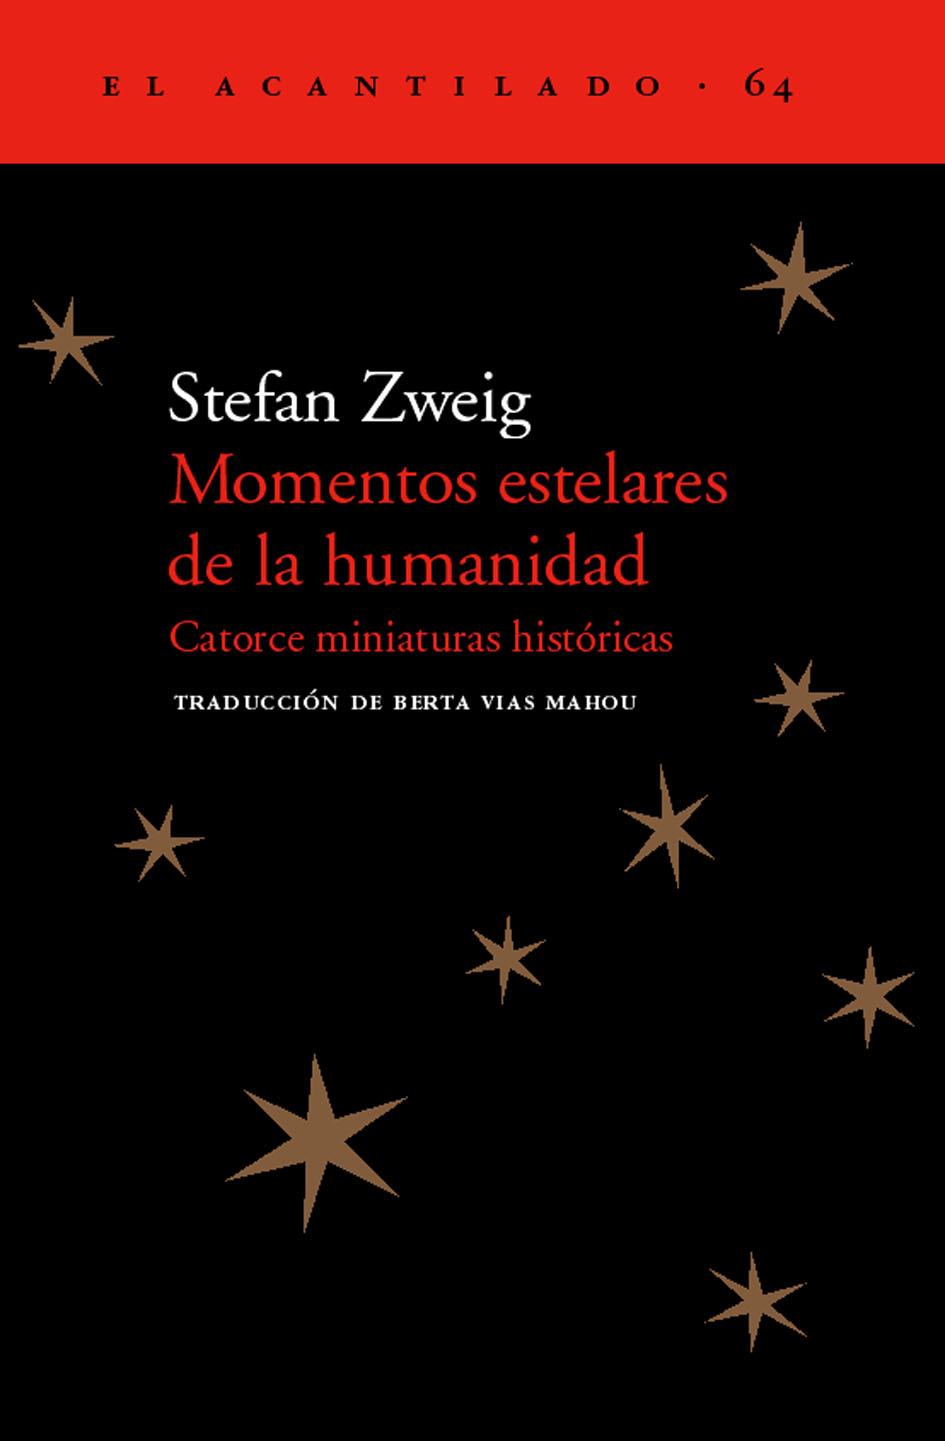 Momentos estelares de la humanidad